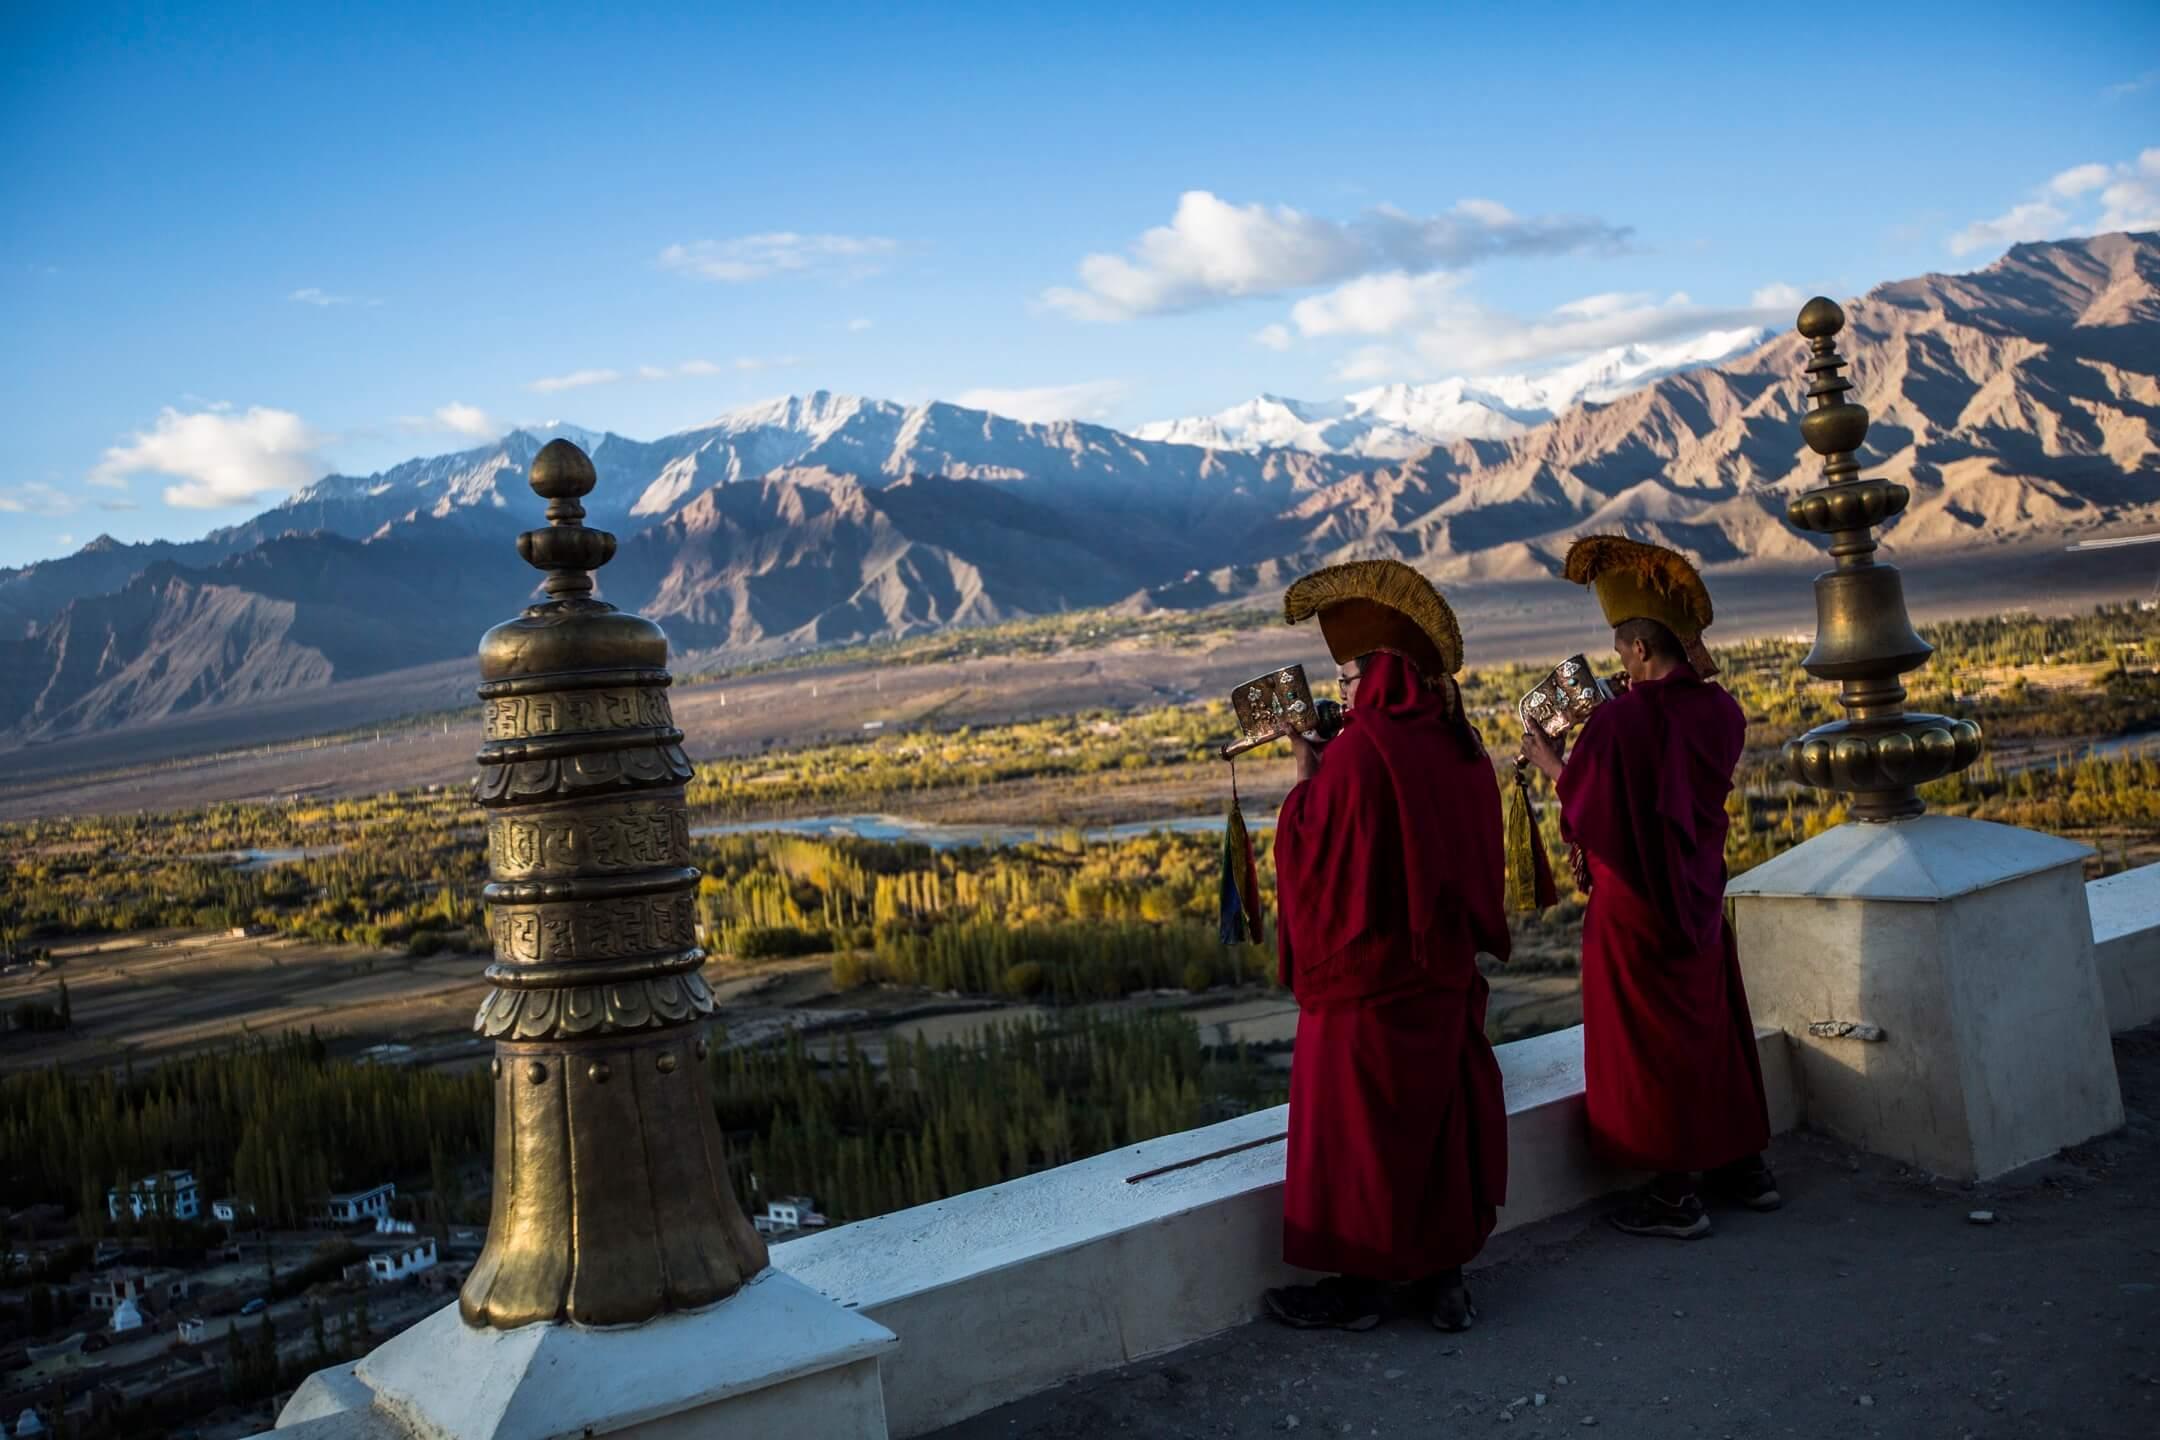 位於世界屋脊喜馬拉雅山脈邊的拉達克,平均高度三千到六千公尺,有小西藏,香格里拉的稱號,是全世界景色最壯麗卻也最難抵達的化外之境。 攝:Daniel Berehulak/Getty Images